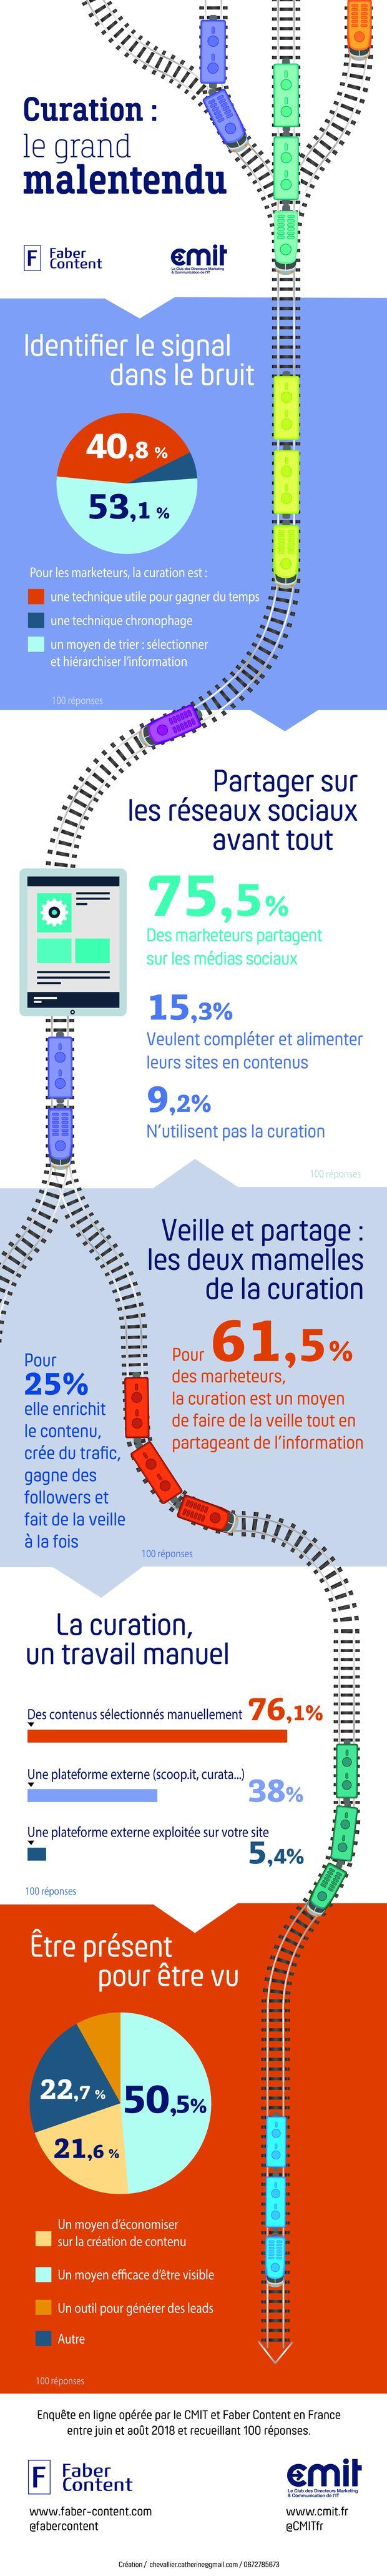 Curation de contenus : infographie